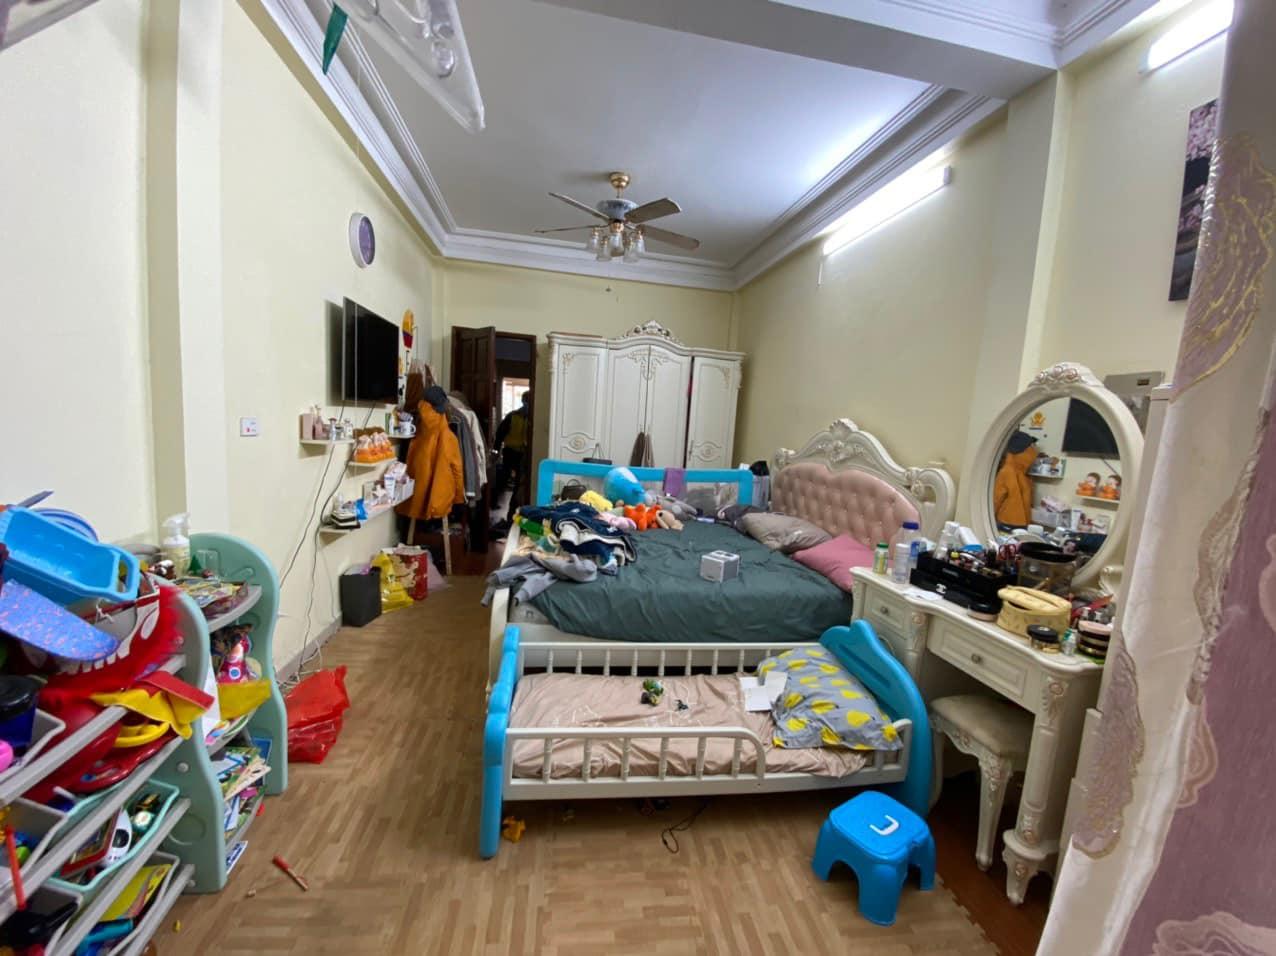 2 giường ngủ, tủ và nhiều đồ đạc trong phòng